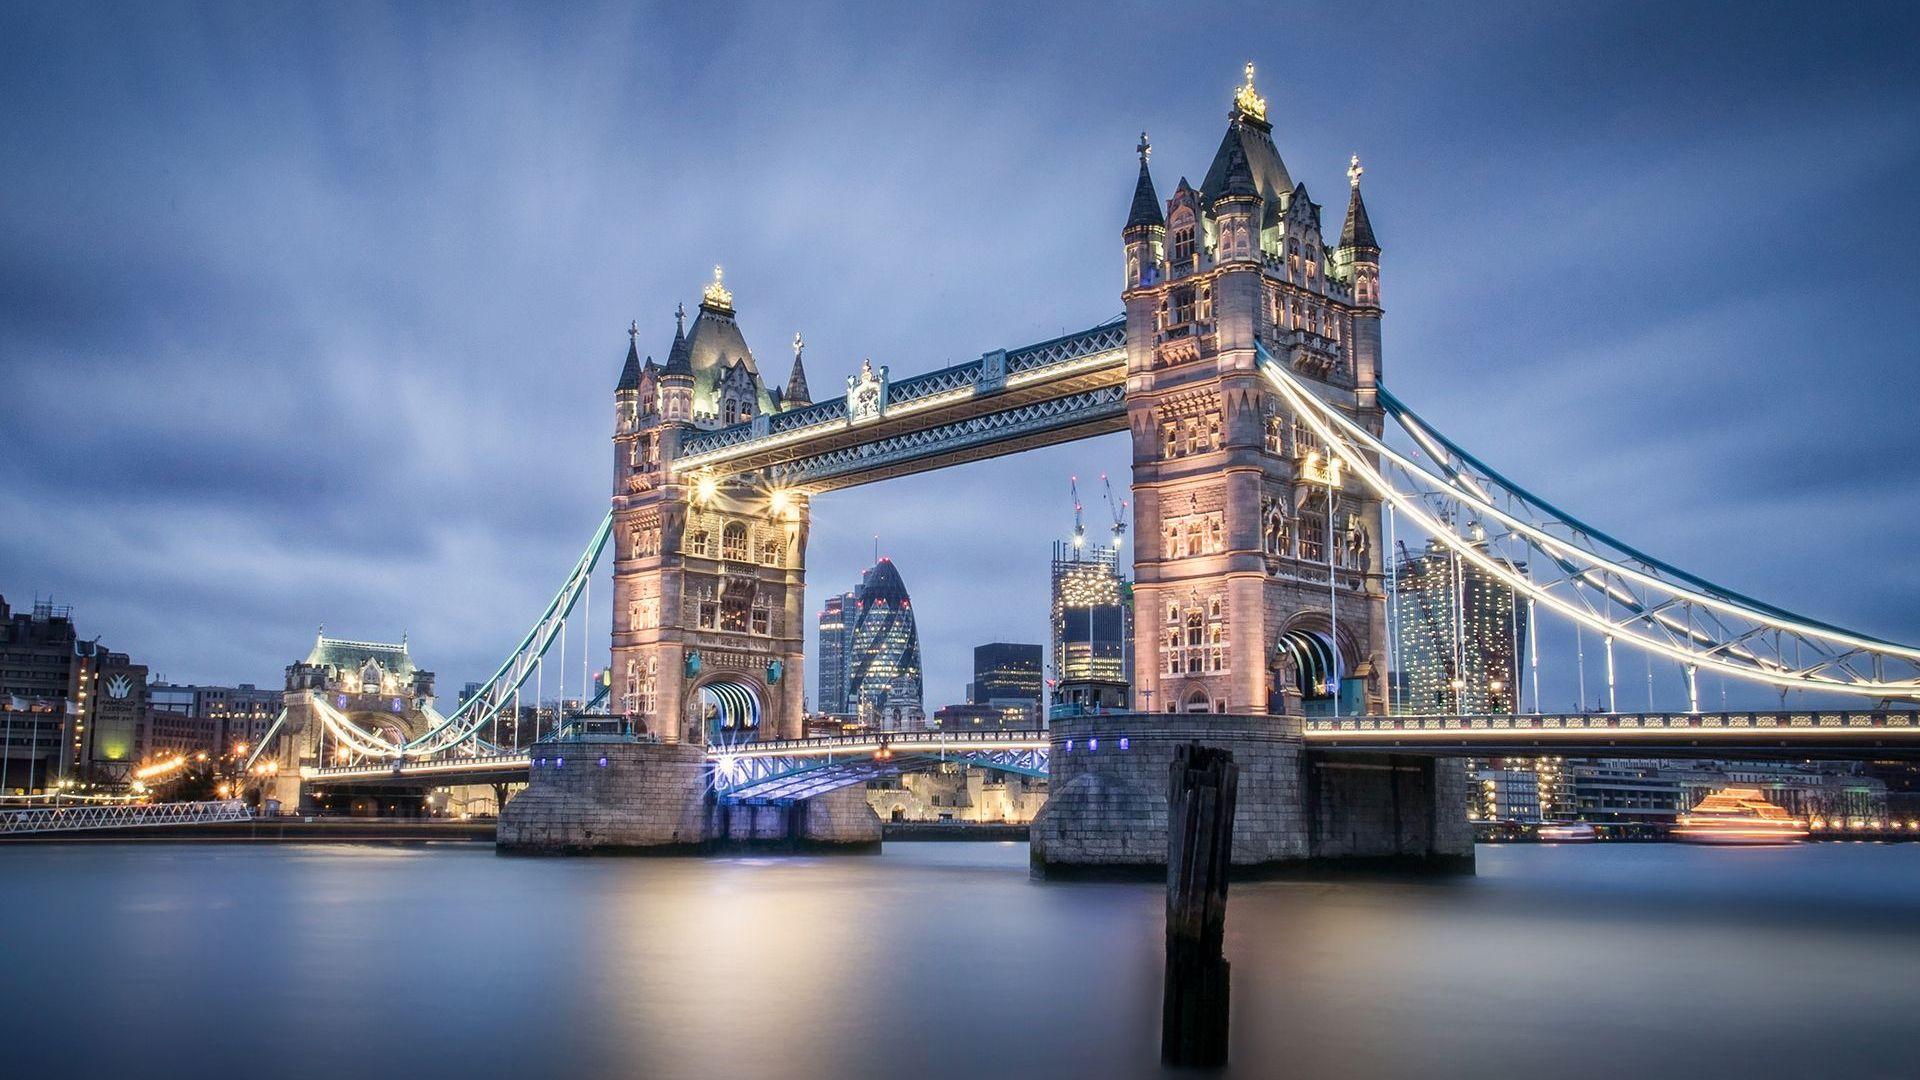 لندن کے ہوٹلوں کے ہوٹلوں کی رہائش گاہوں کے لئے ہوٹل میں رہائش گاہ کا لنکس پاس دنیا بھر میں سستا کم قیمت بکنگ